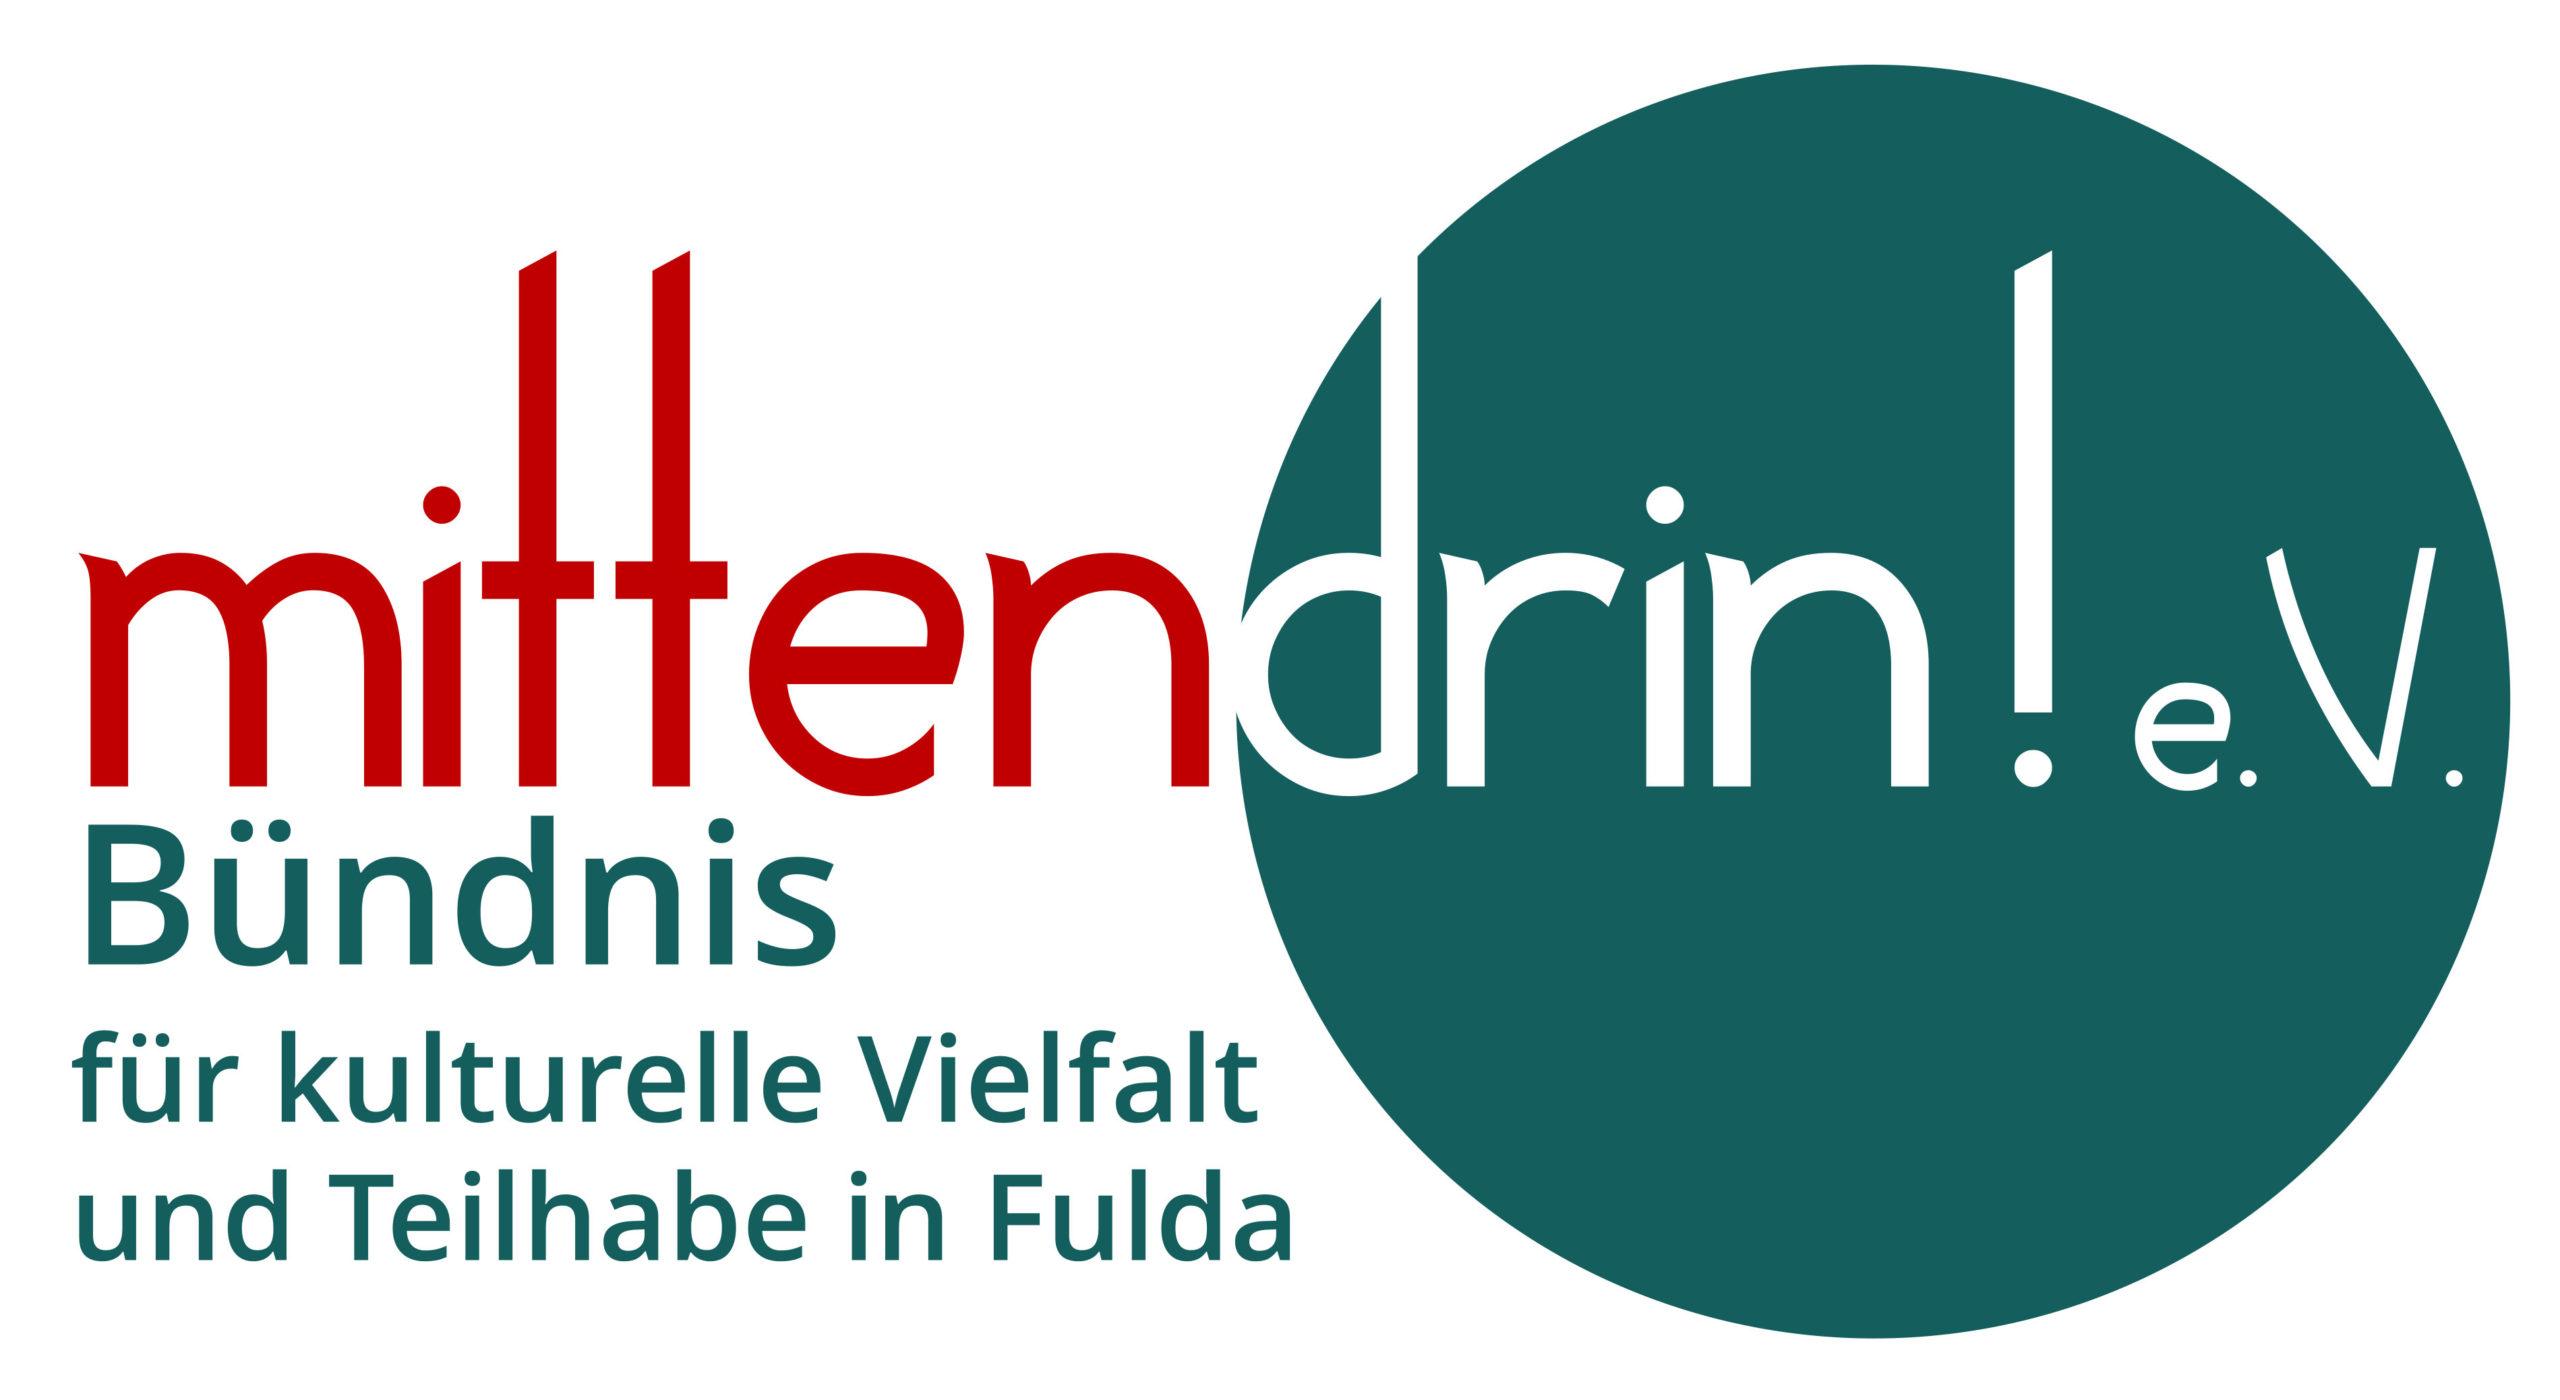 Bündnis Mittendrin Fulda